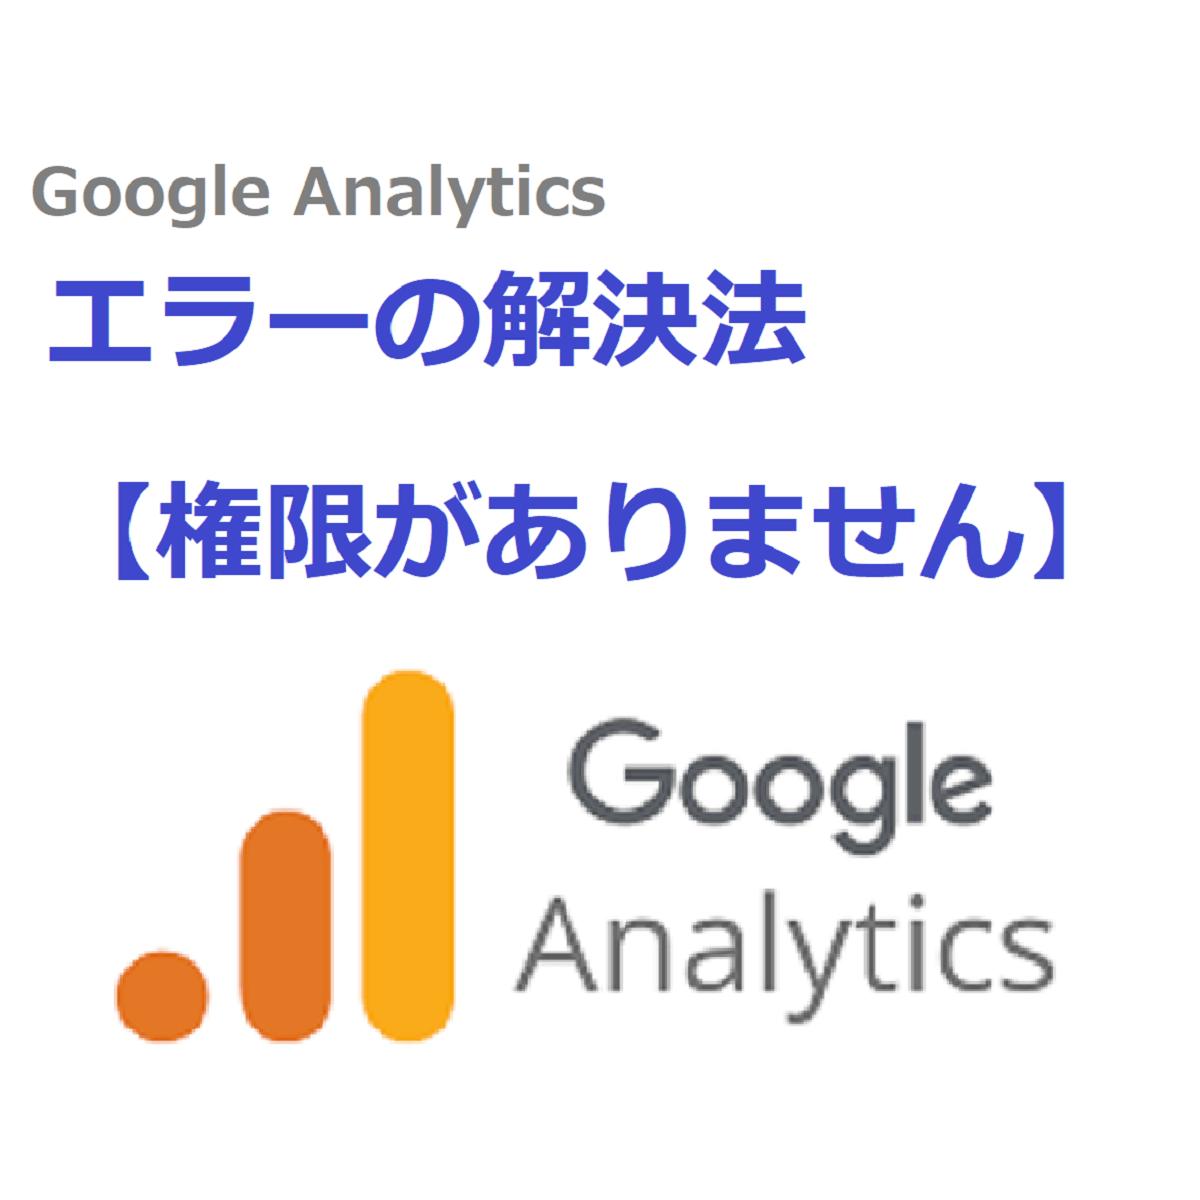 「Google Analytics エラーの解決法【権限がありません】」と書かれたサムネイル。